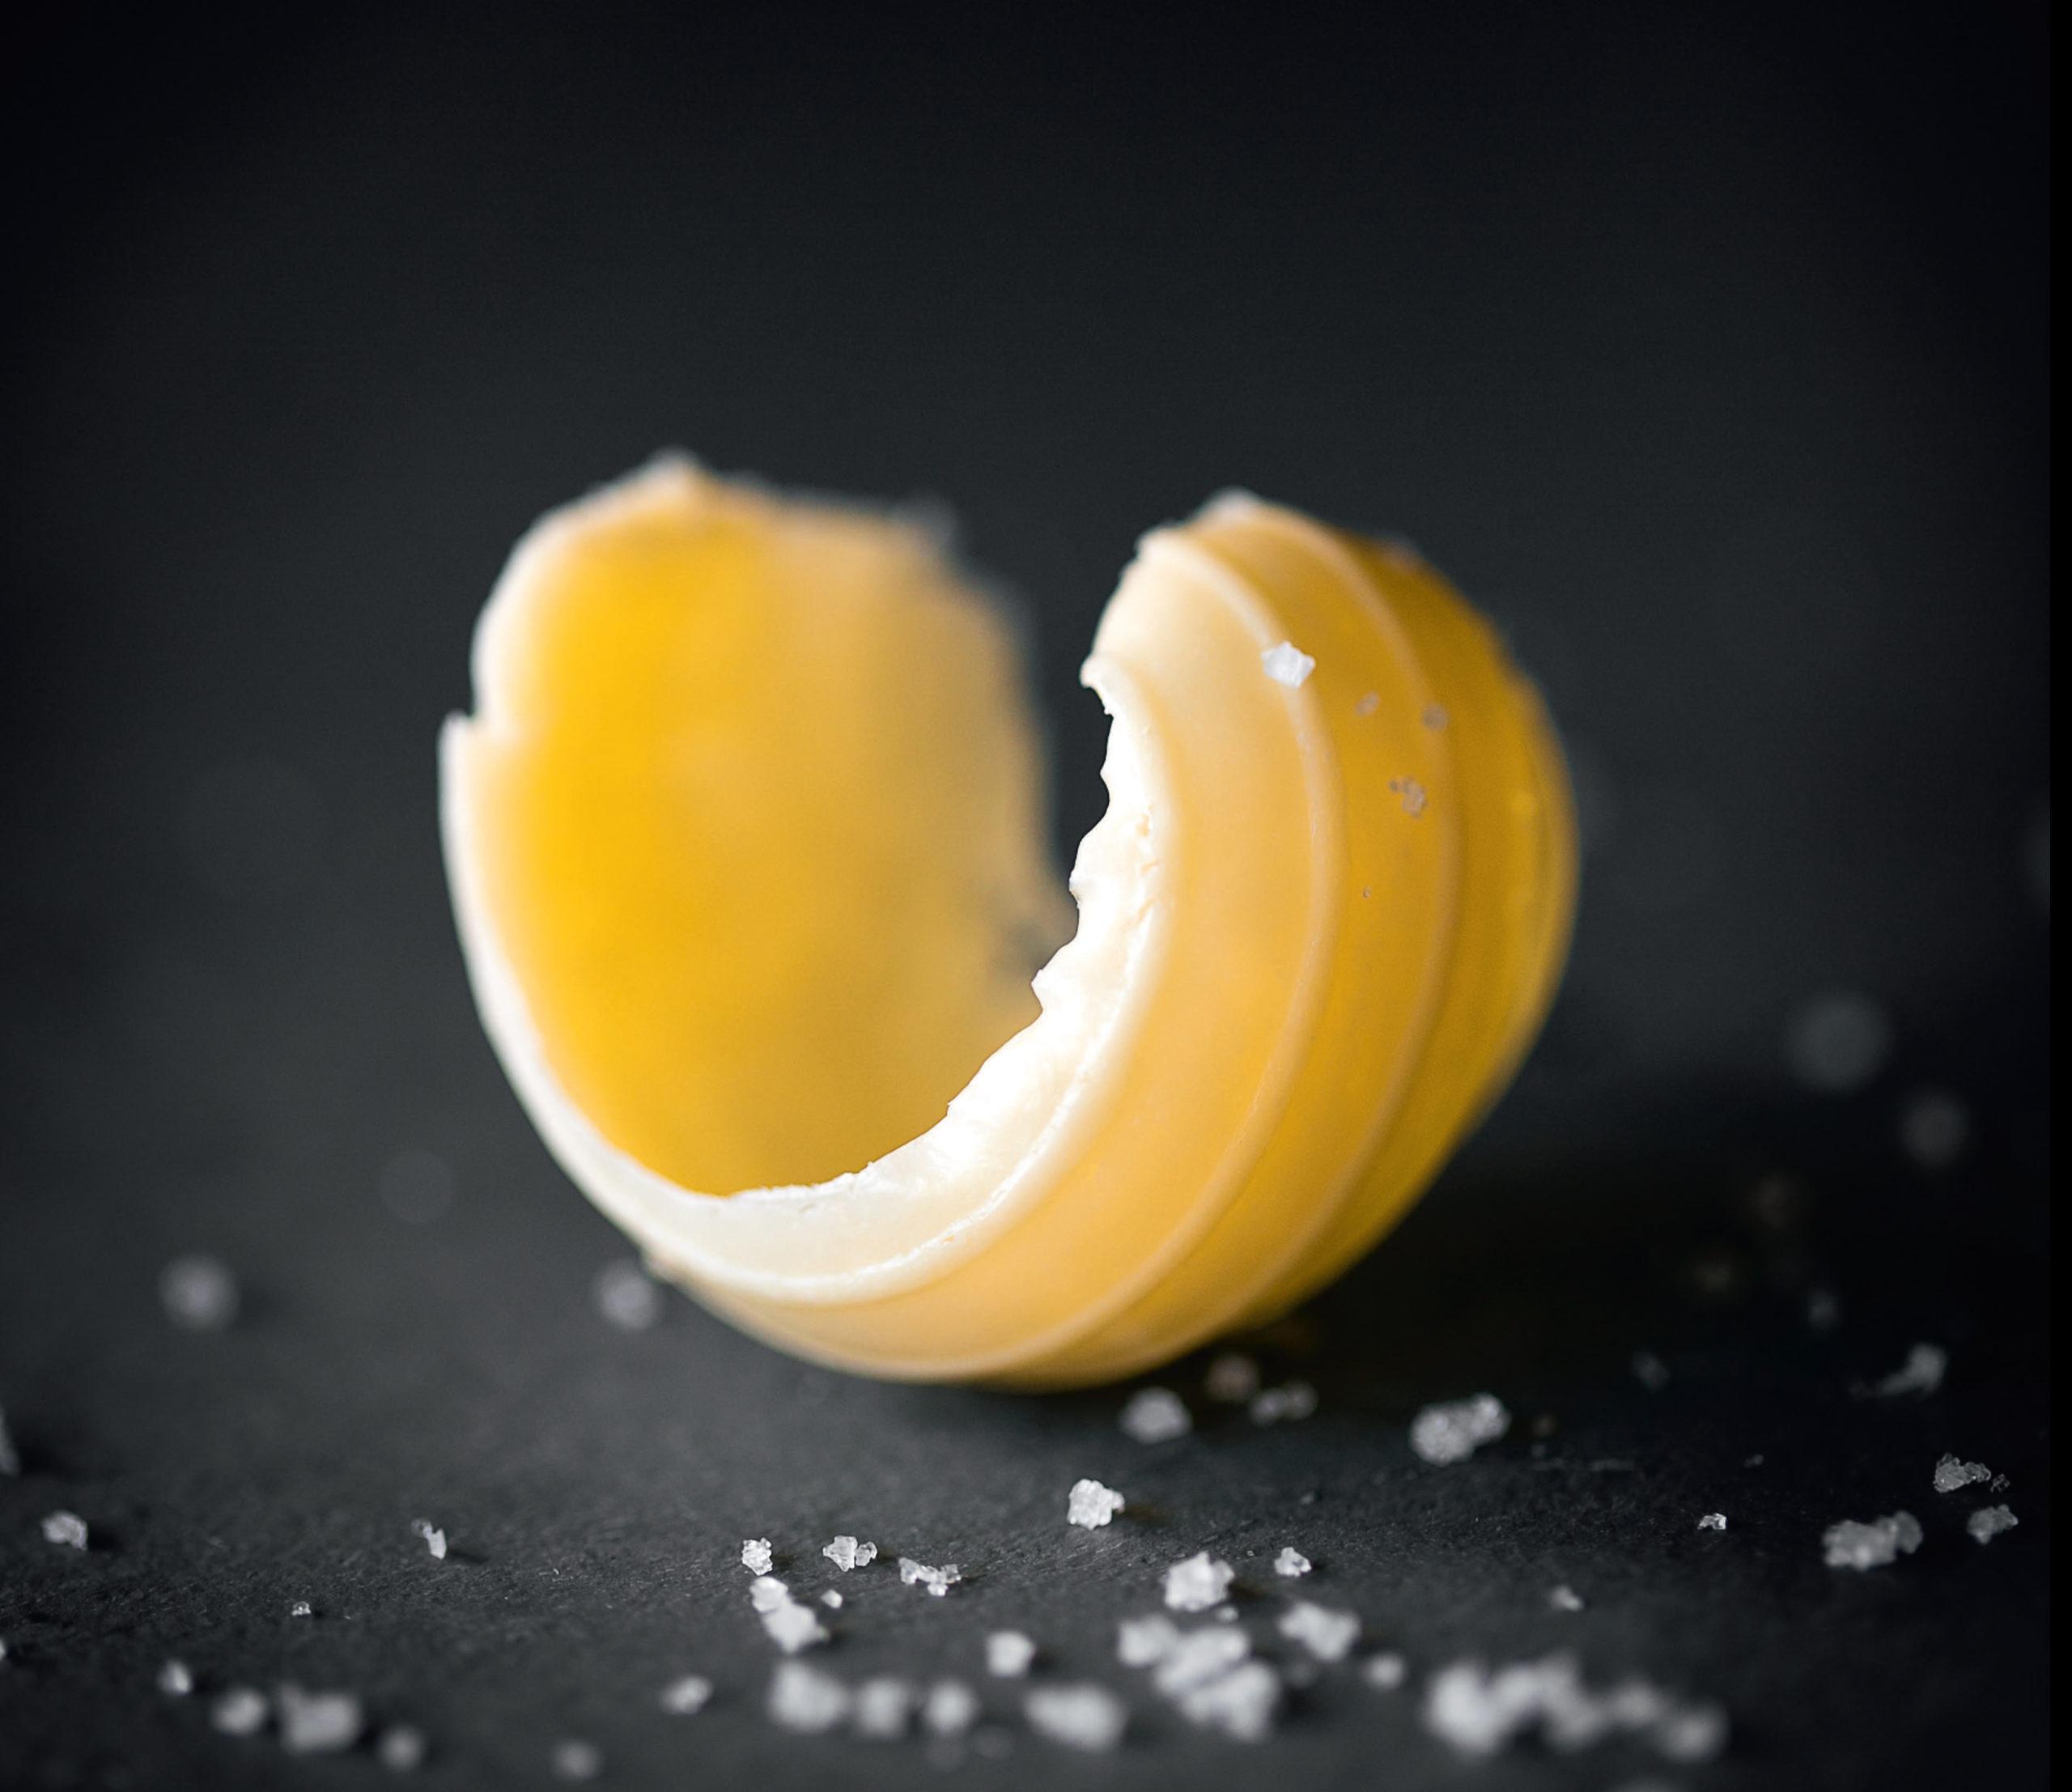 ÉDITO – L'assiette au beurre